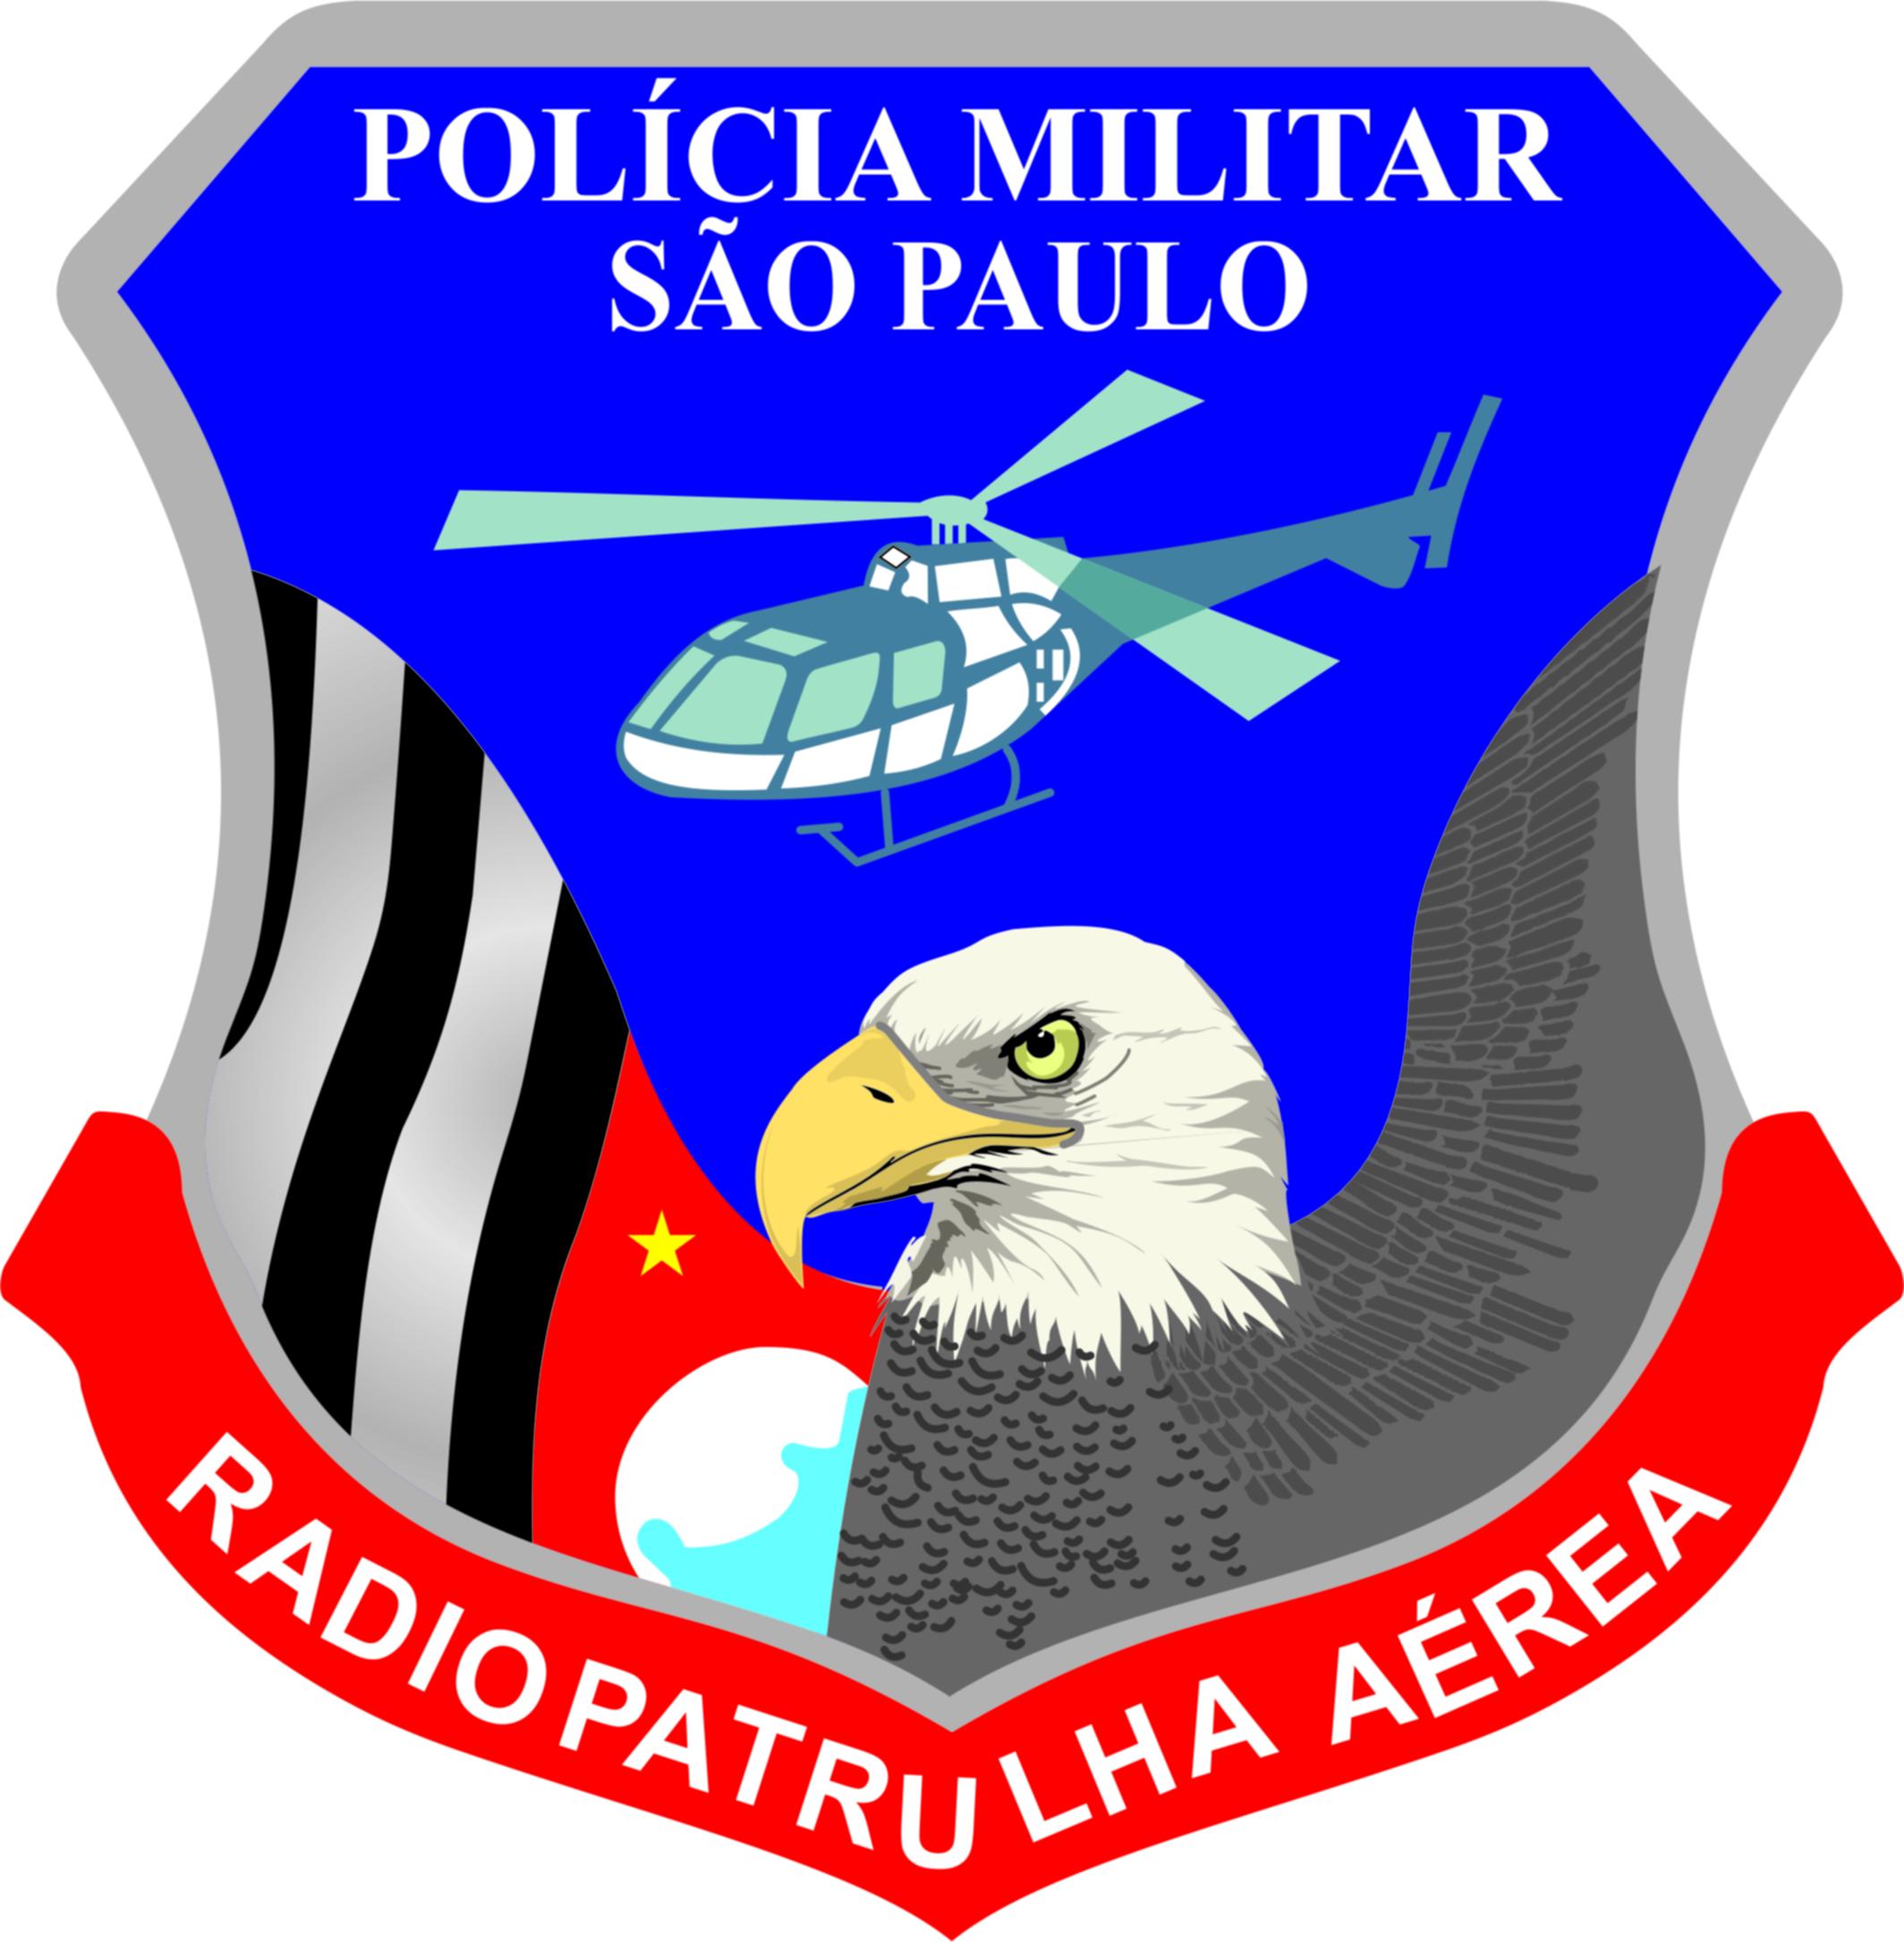 São Paulo - GRPAe/PM